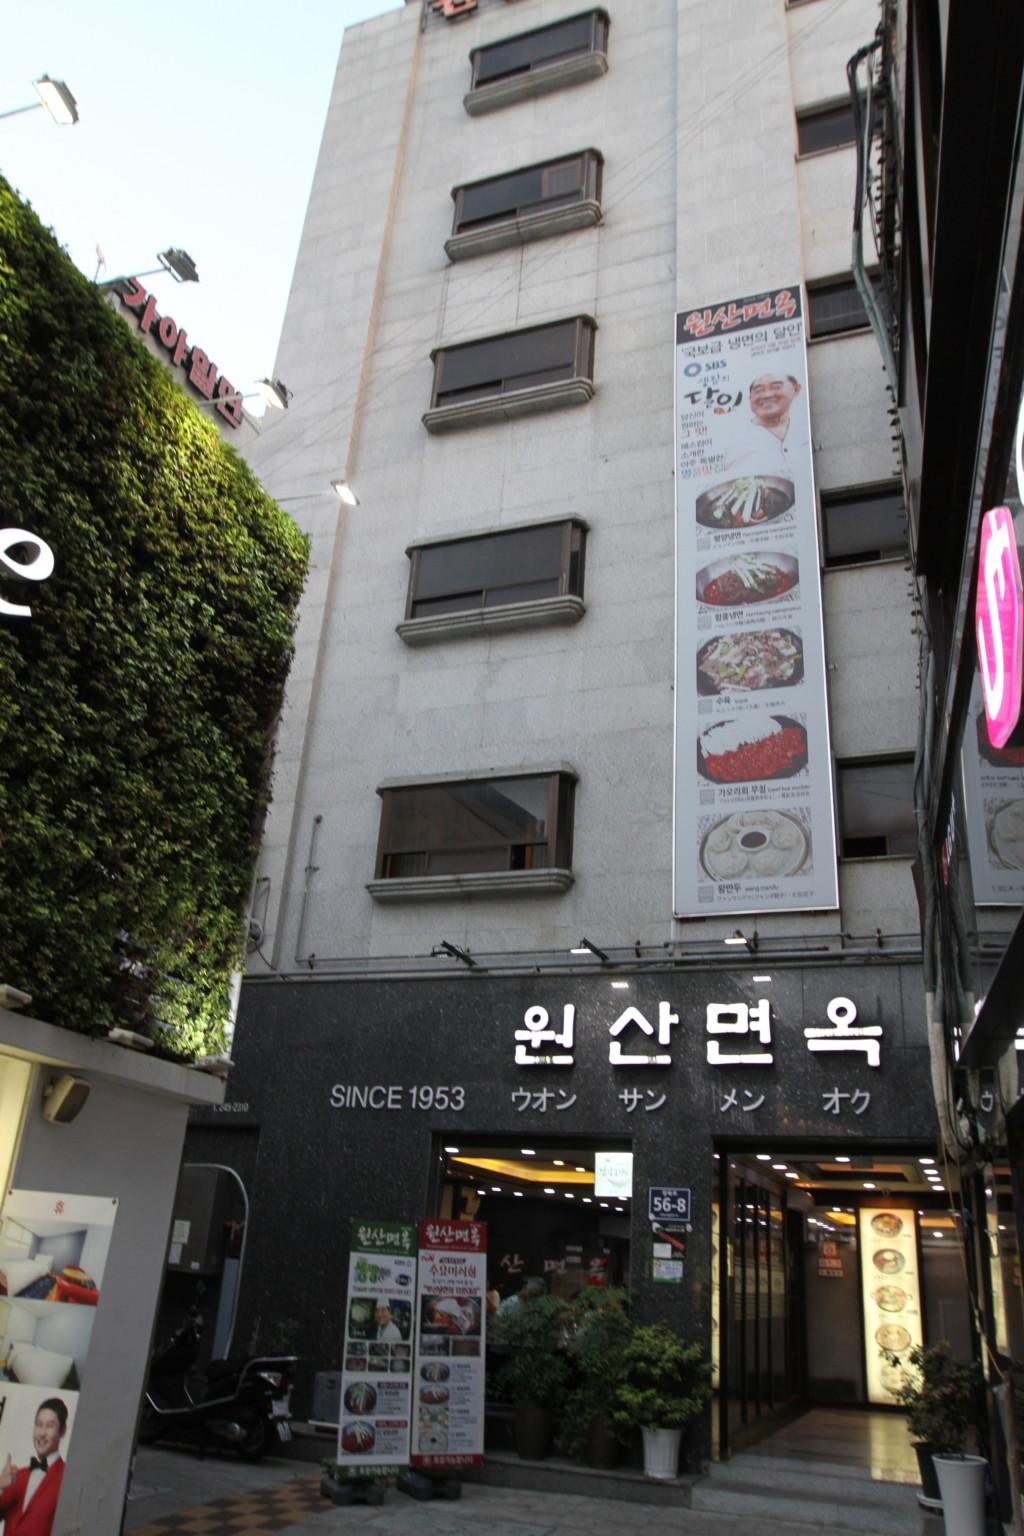 有名な冷麺店「원산면옥(ウォンサンメンオク)」